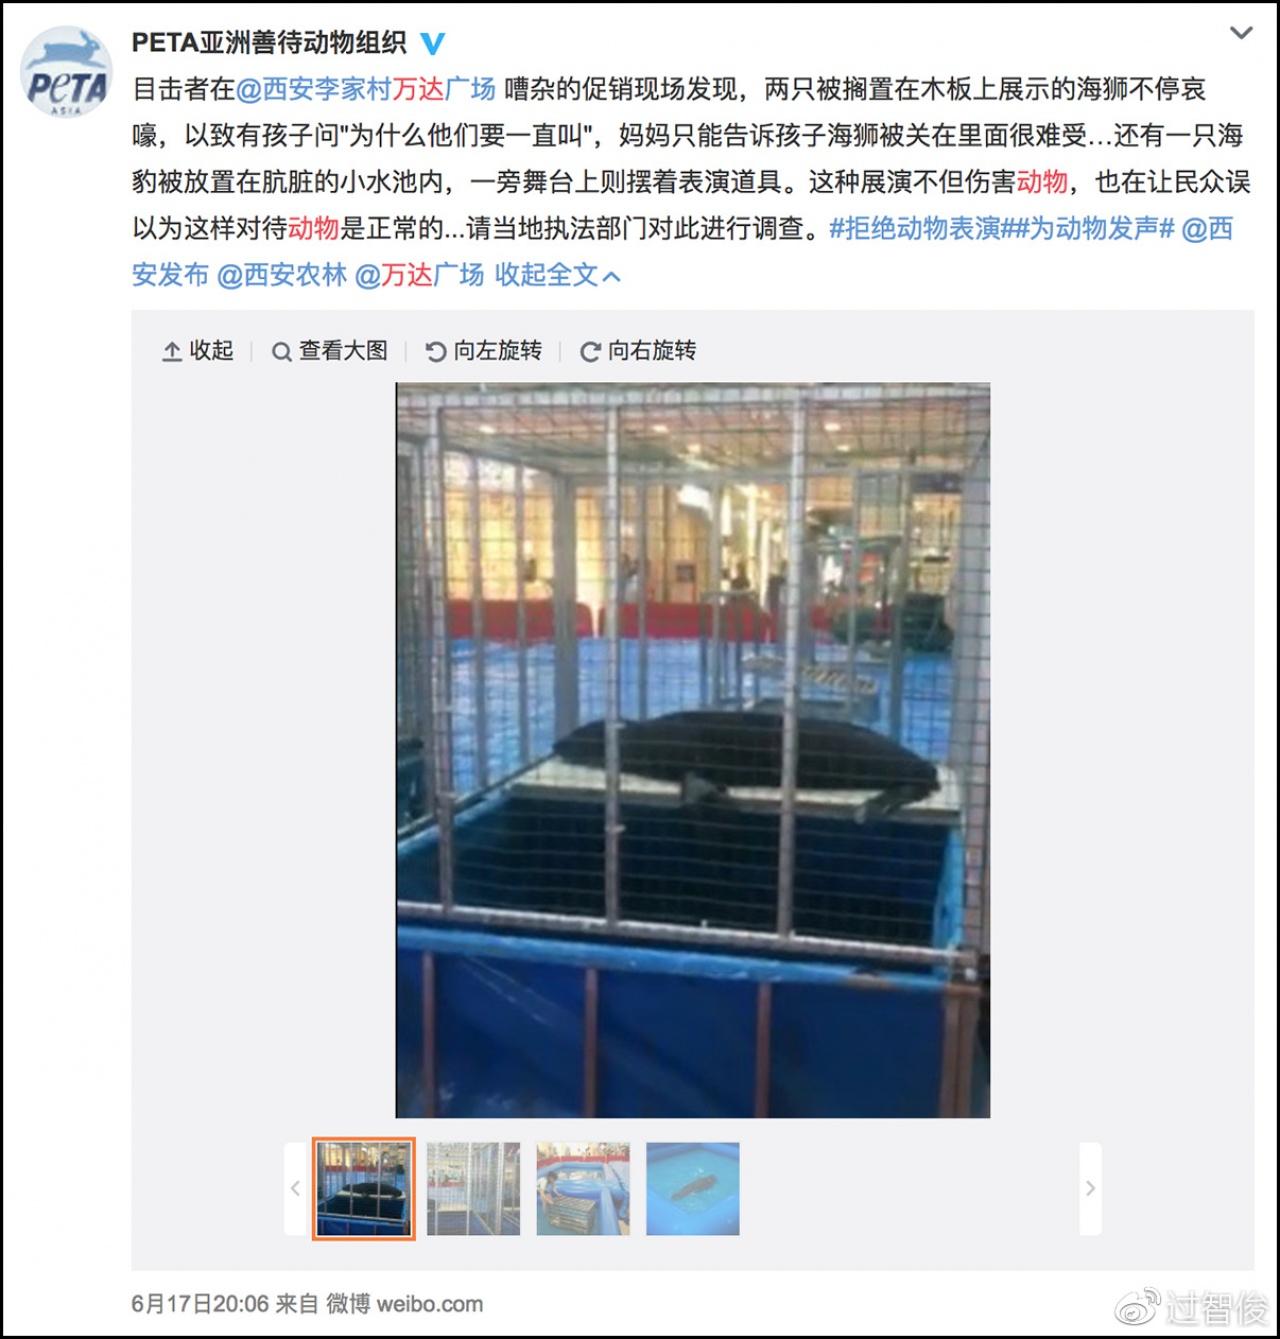 「亞洲善待動物組織」曾披露,西安萬達廣場涉嫌虐待海獅。  (網上圖片)